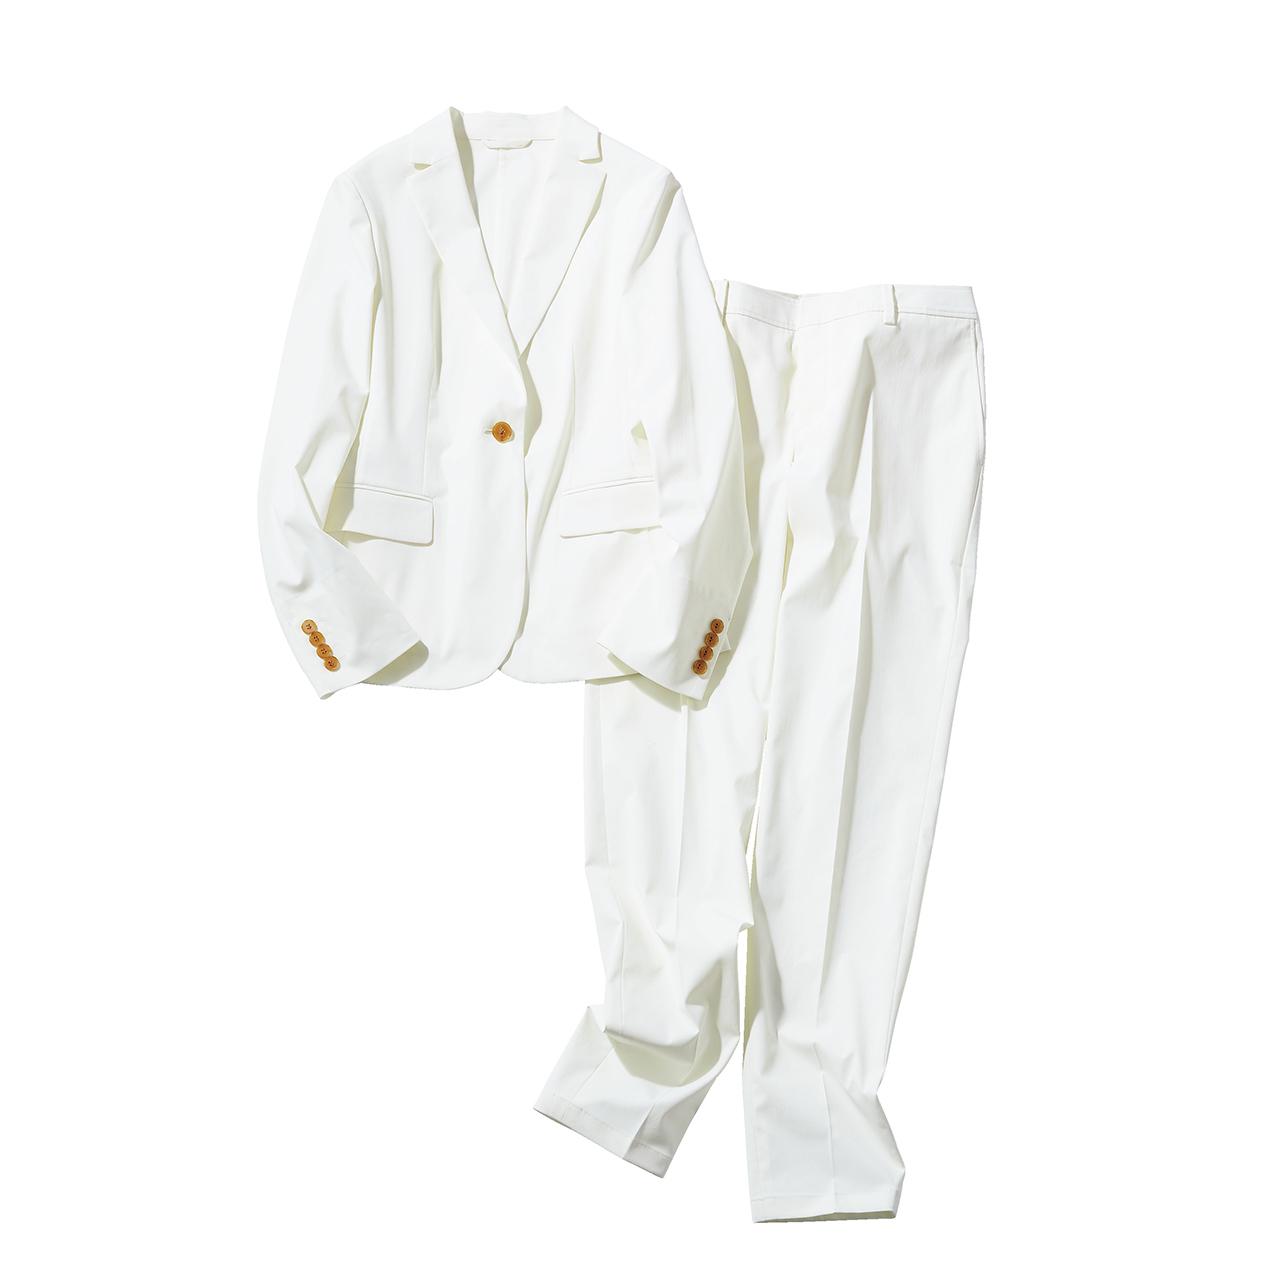 働く女性を応援!自宅で洗えるスーツ&御用達ブランドの服 五選_1_1-4